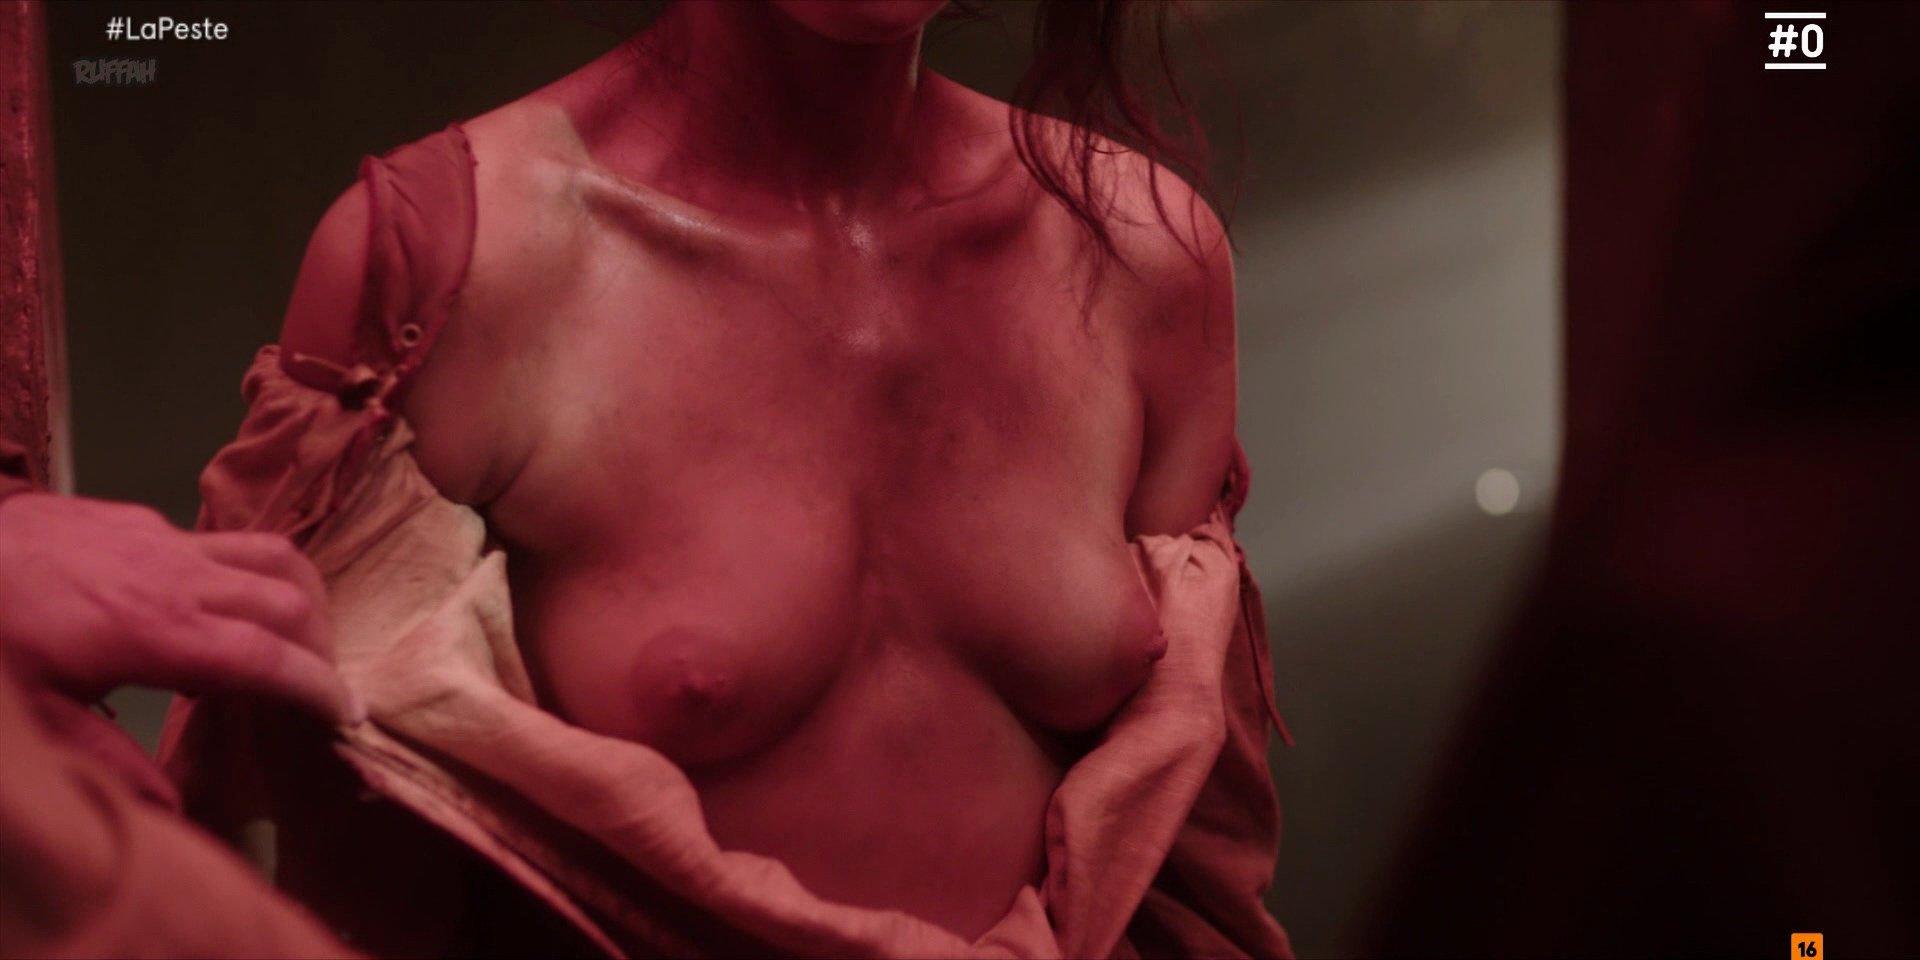 Cecilia Gómez nude - La Peste s01e02 (2018)